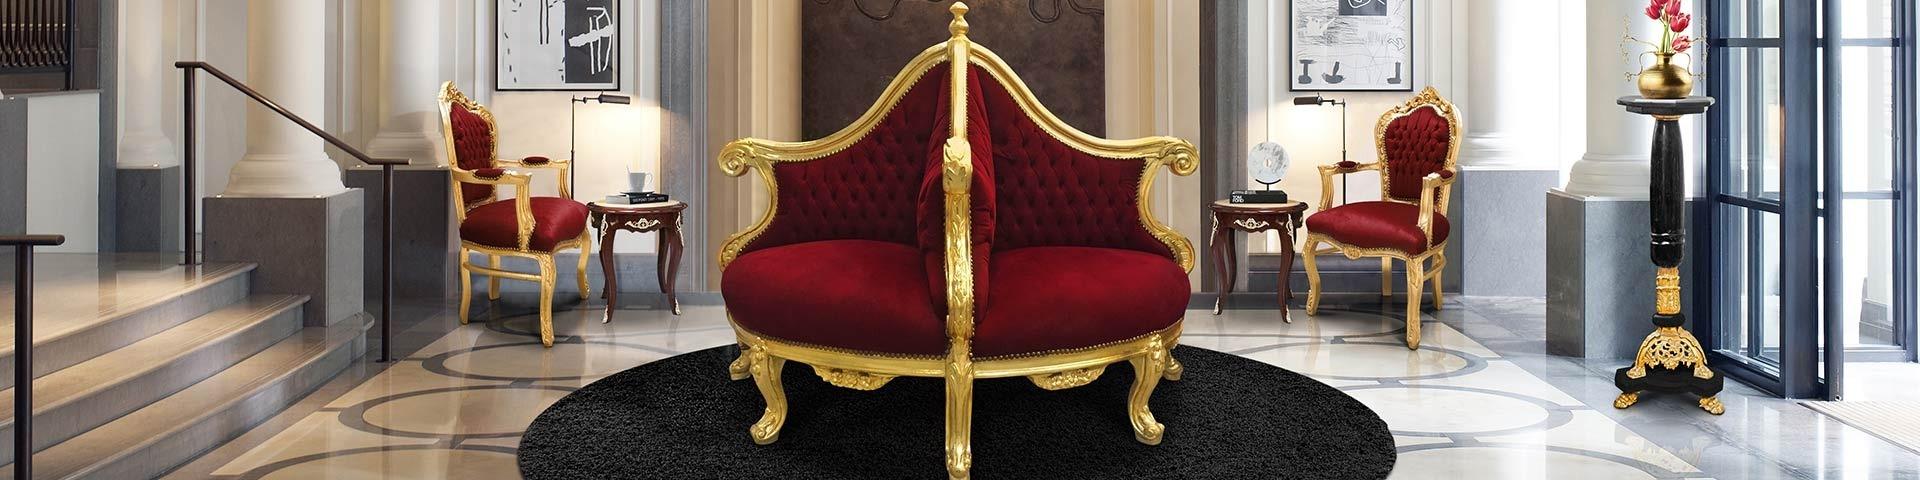 мебель в стиле барокко 2